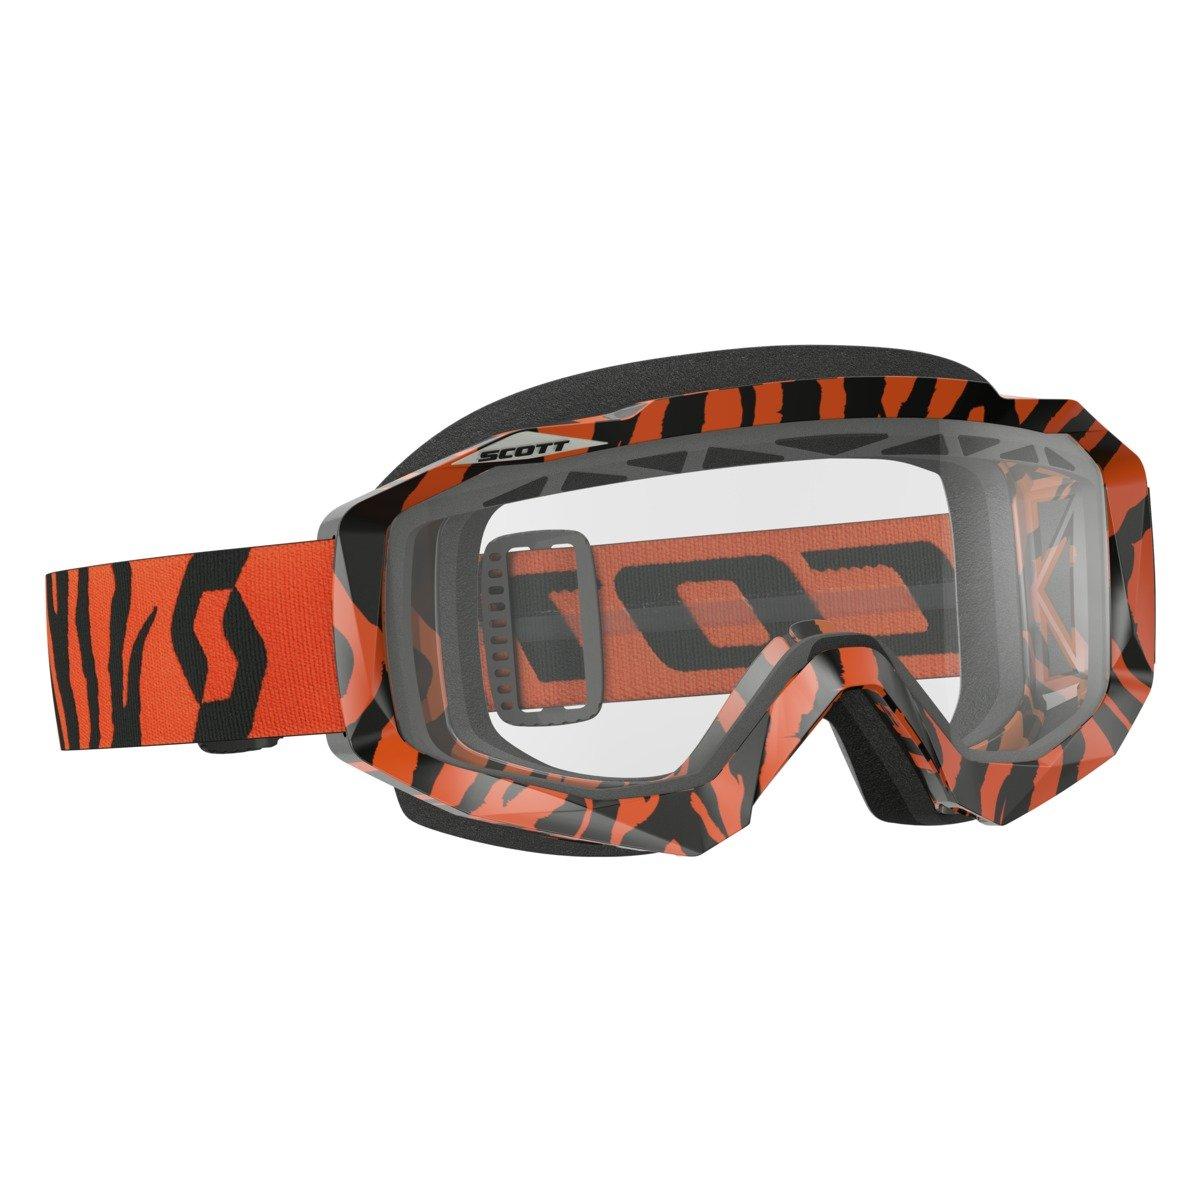 Scott Goggle Hustle MX Enduro Black/Fluo Naranja Naranja